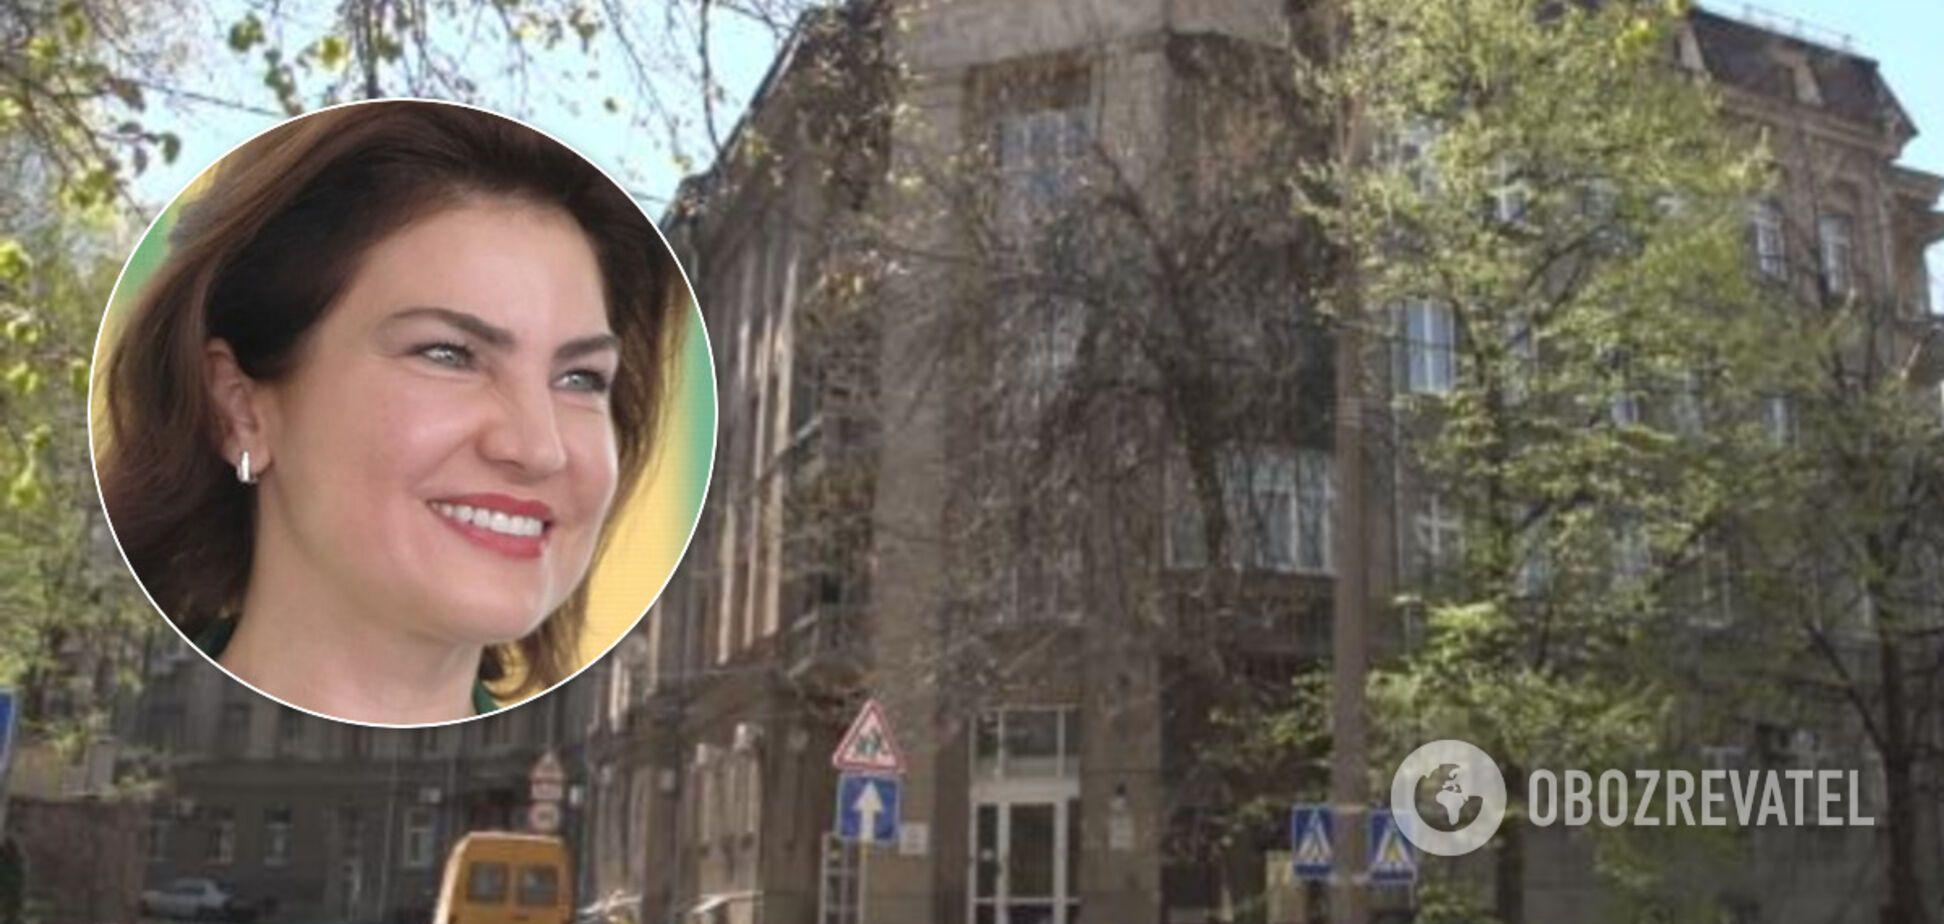 Ціна від $500 тисяч: Венедіктова приховала в декларації квартиру в Києві. Фото і відео